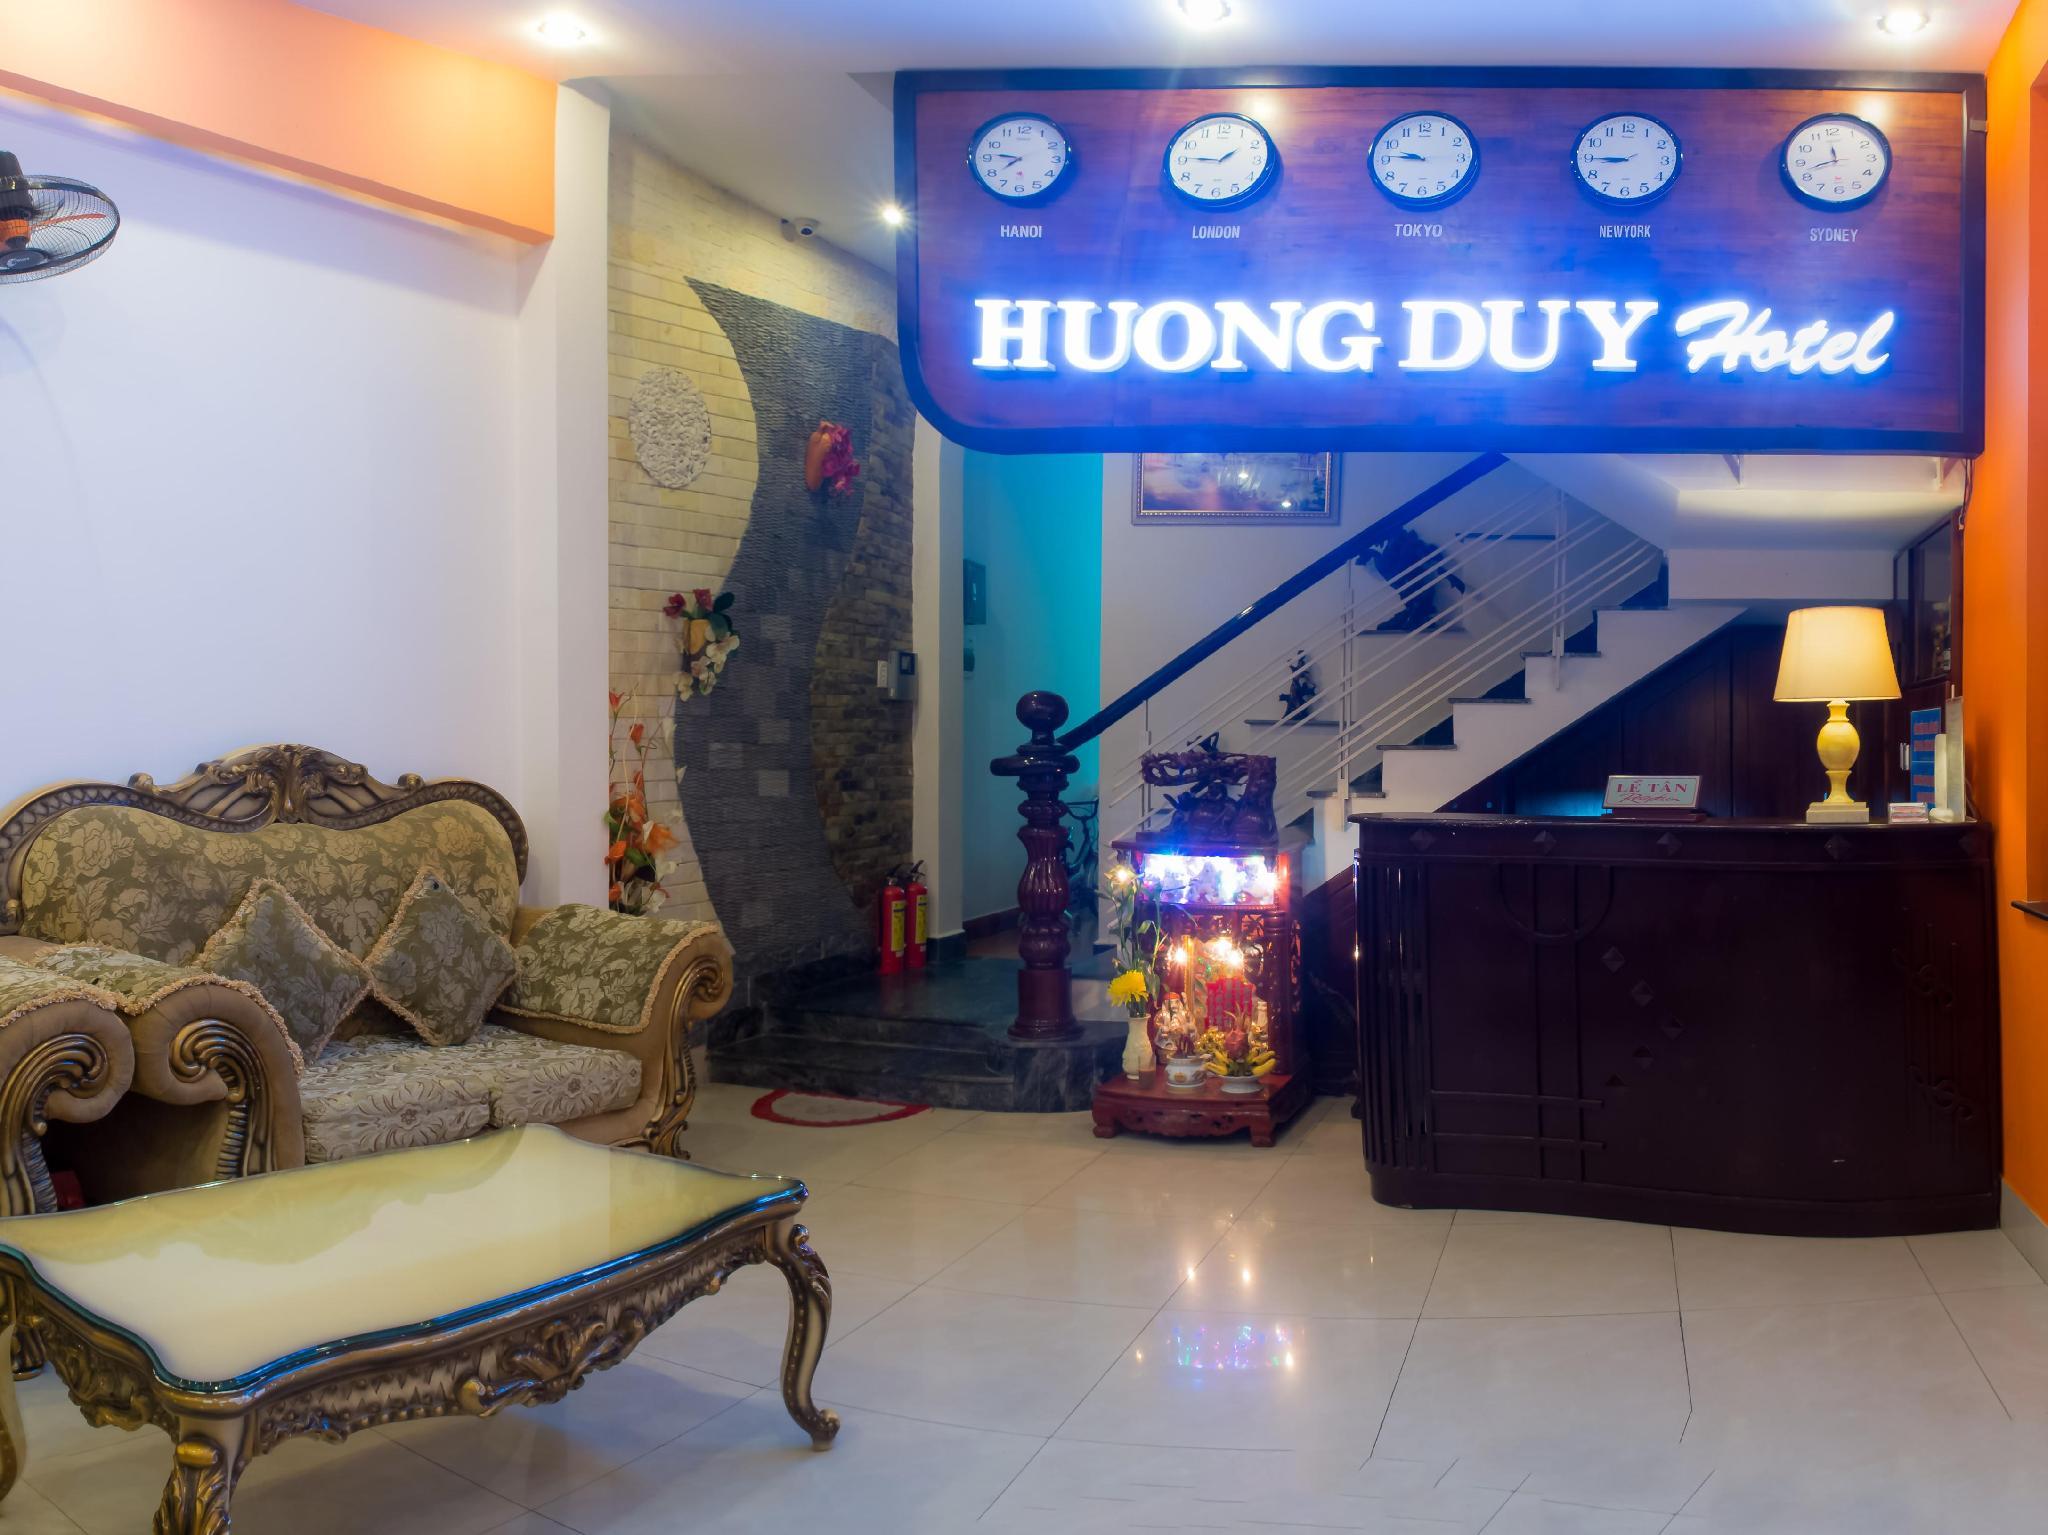 Khách Sạn Hương Duy Đà Nẵng